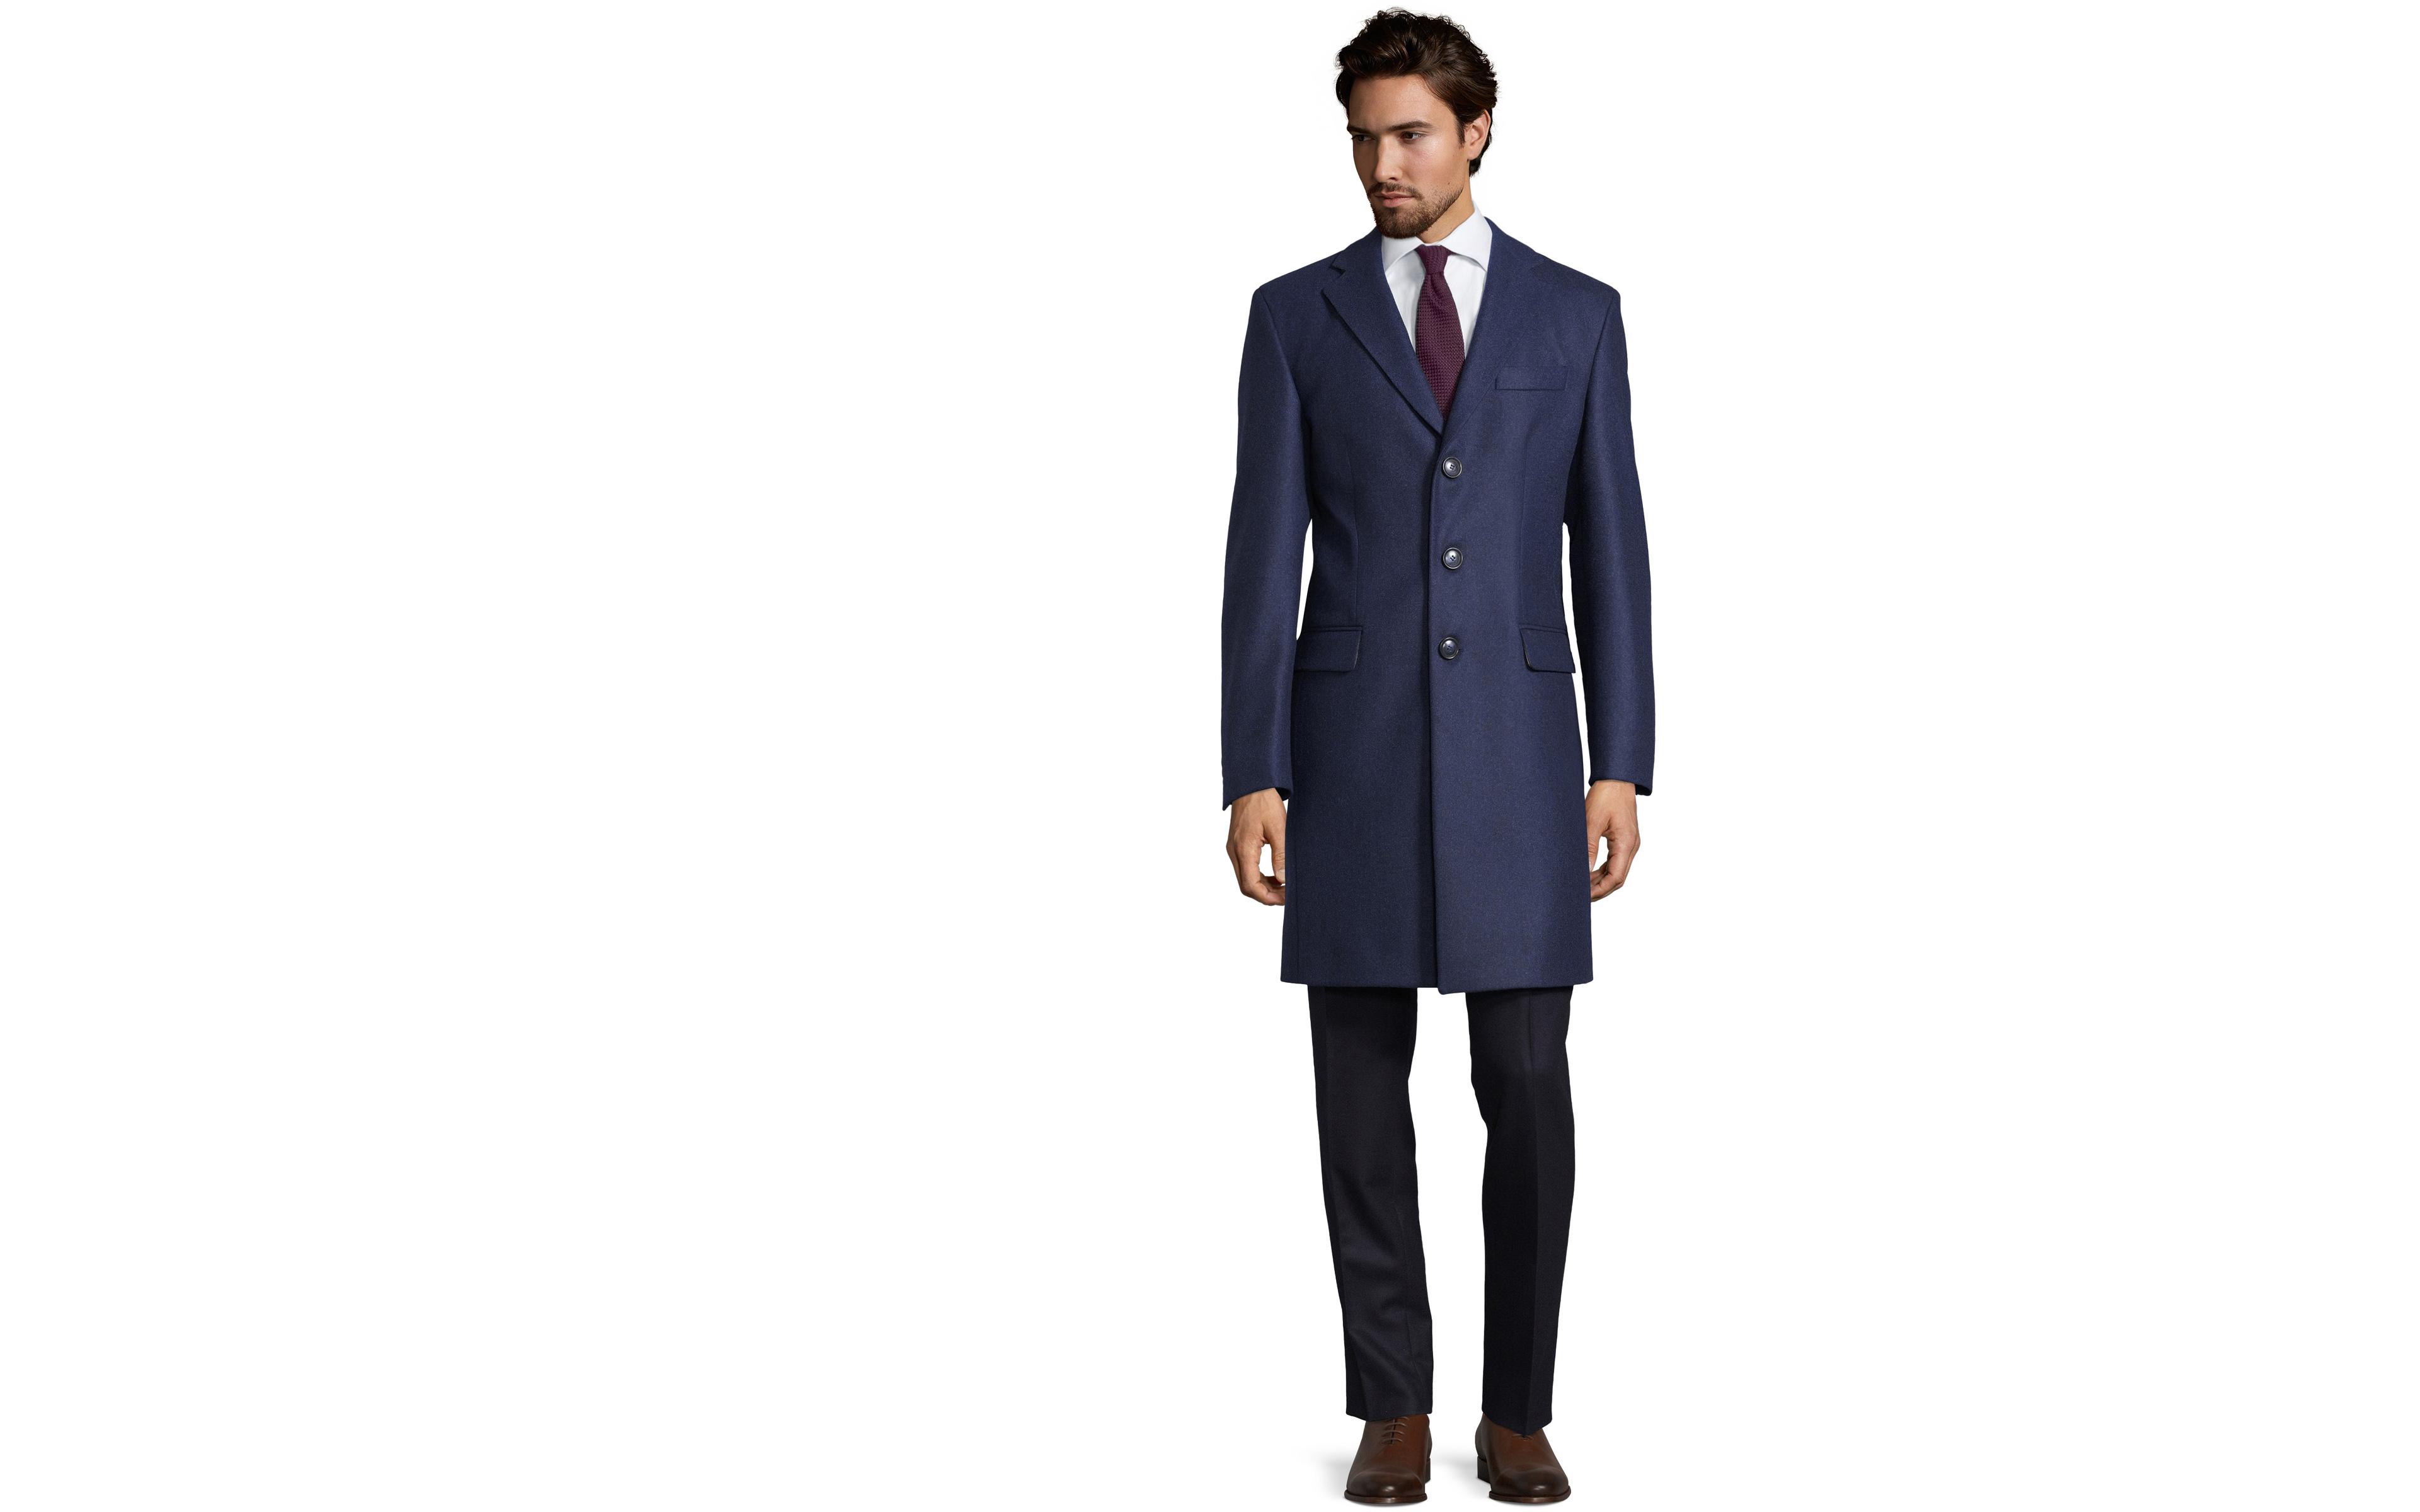 Coat in Solid Navy Wool